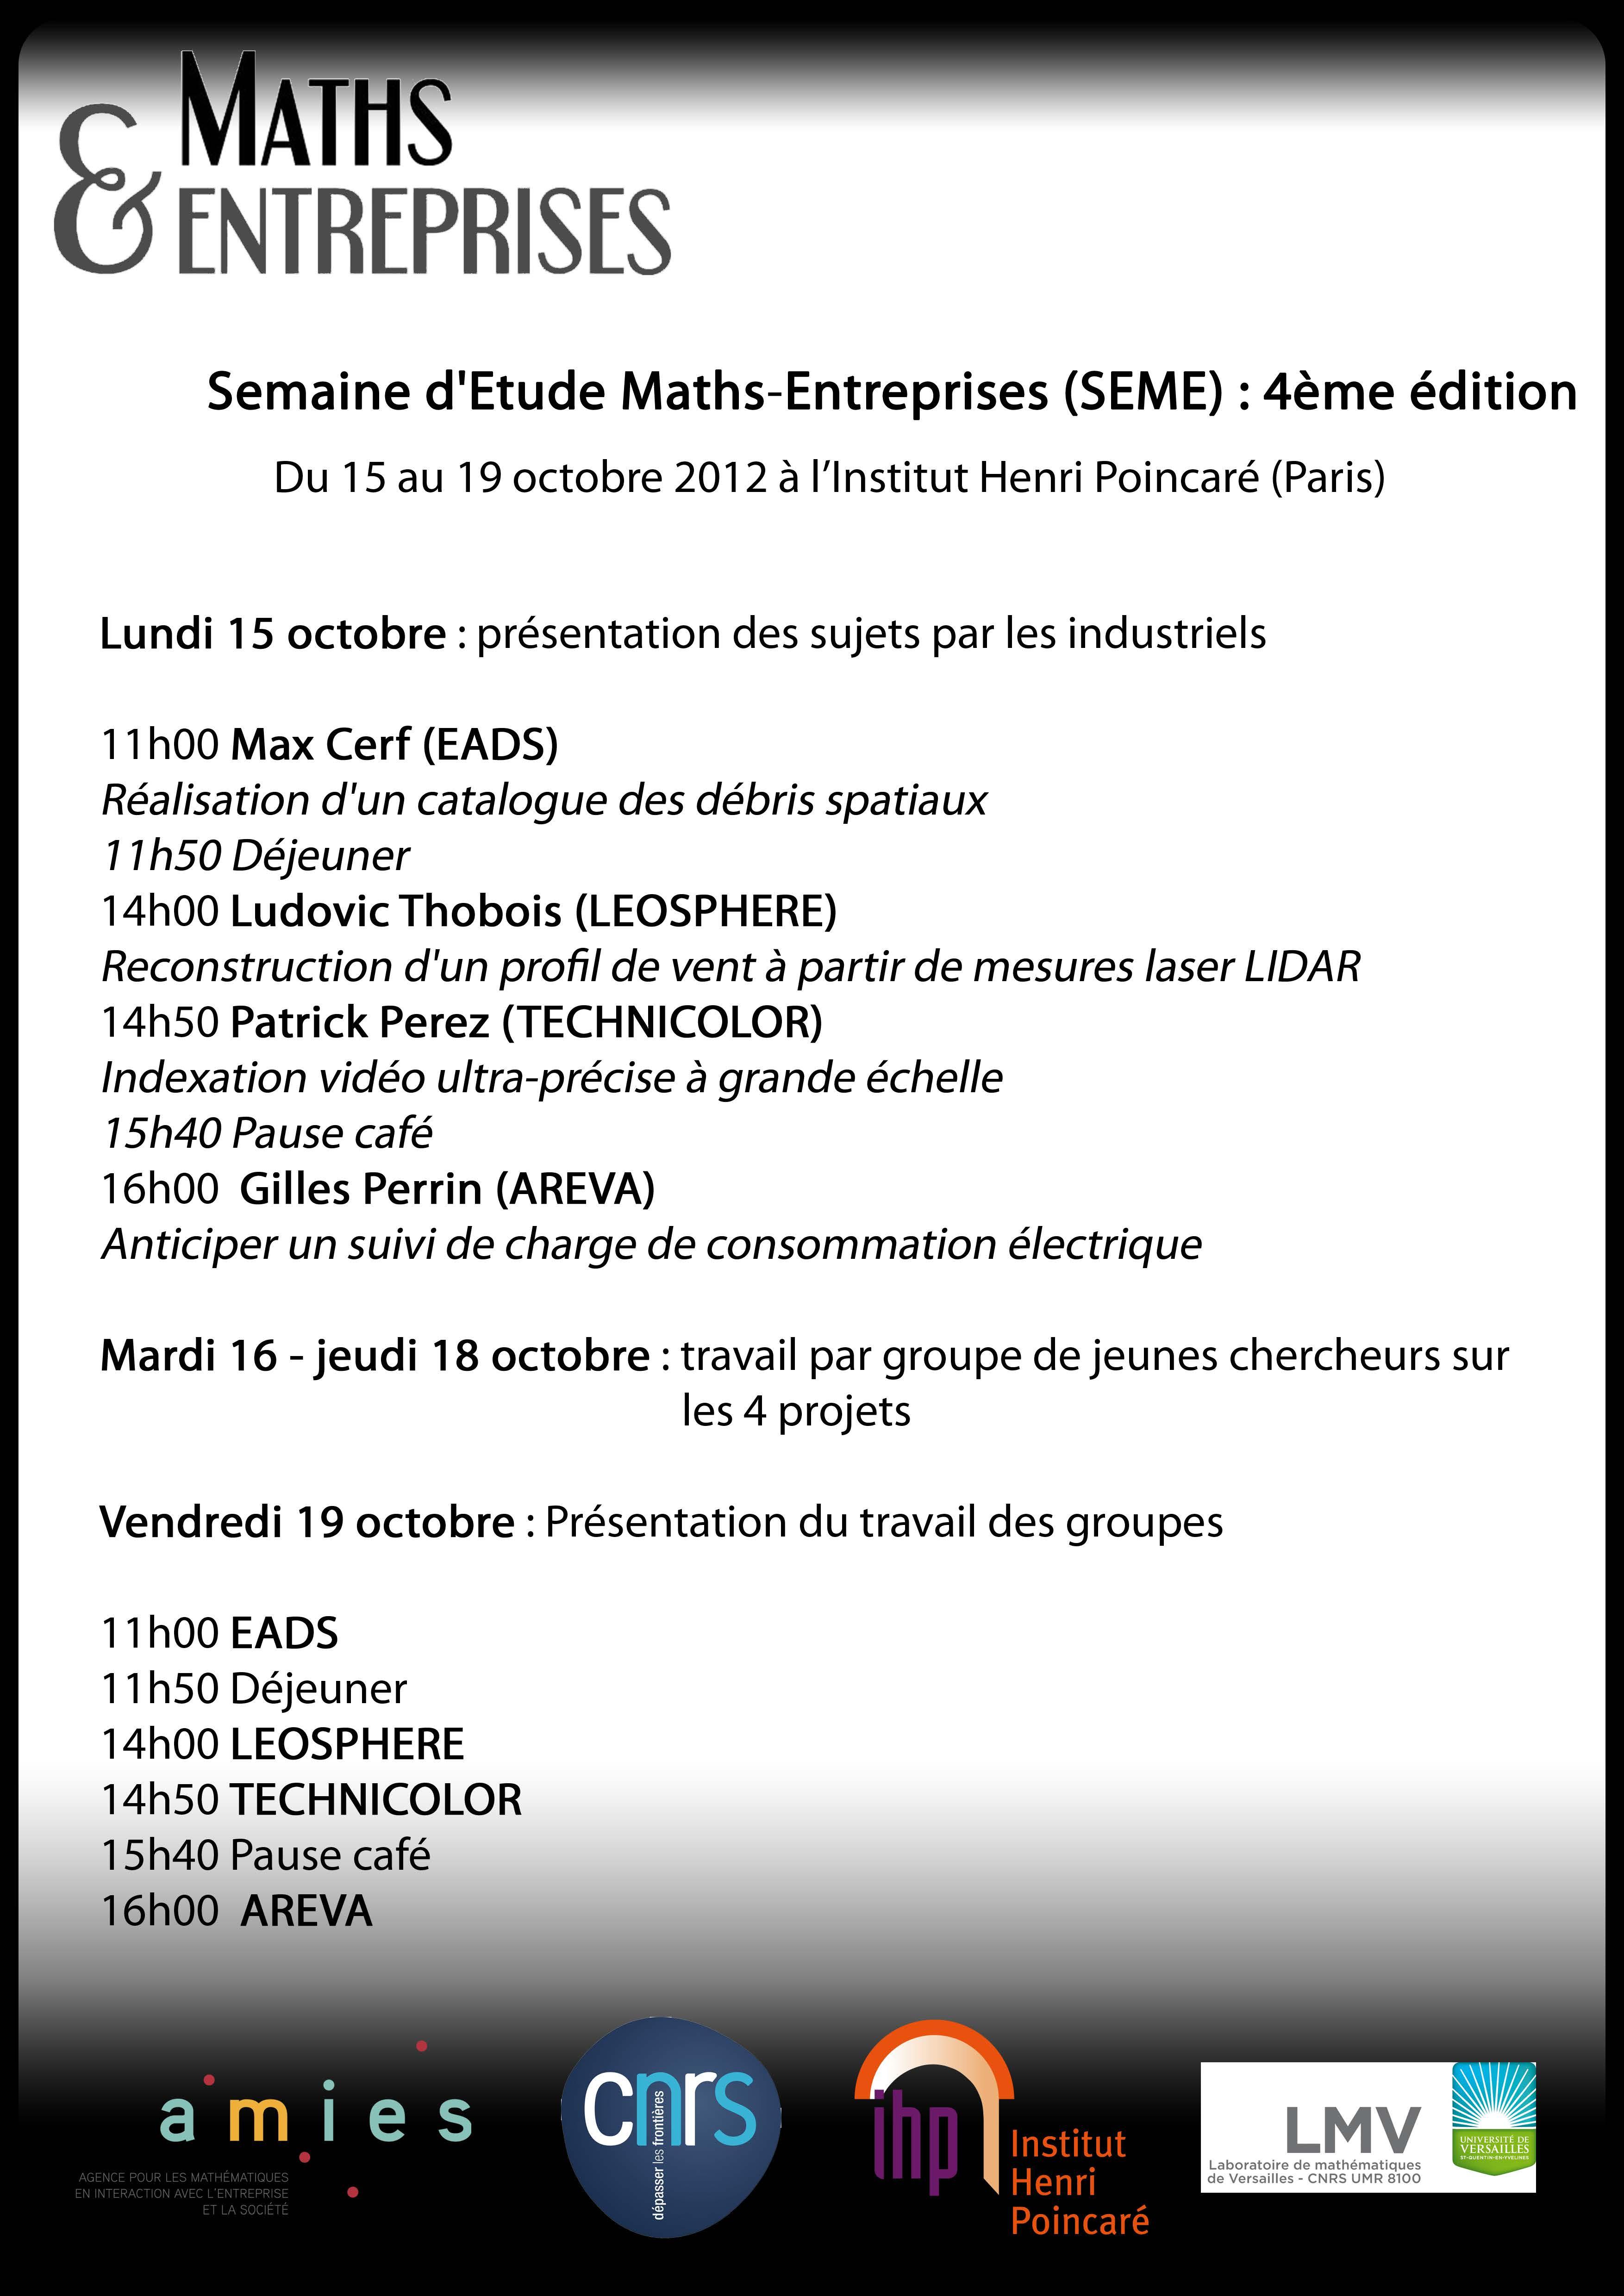 4ème Semaine d'Etude Mathématiques et Entreprises (SEME 4)